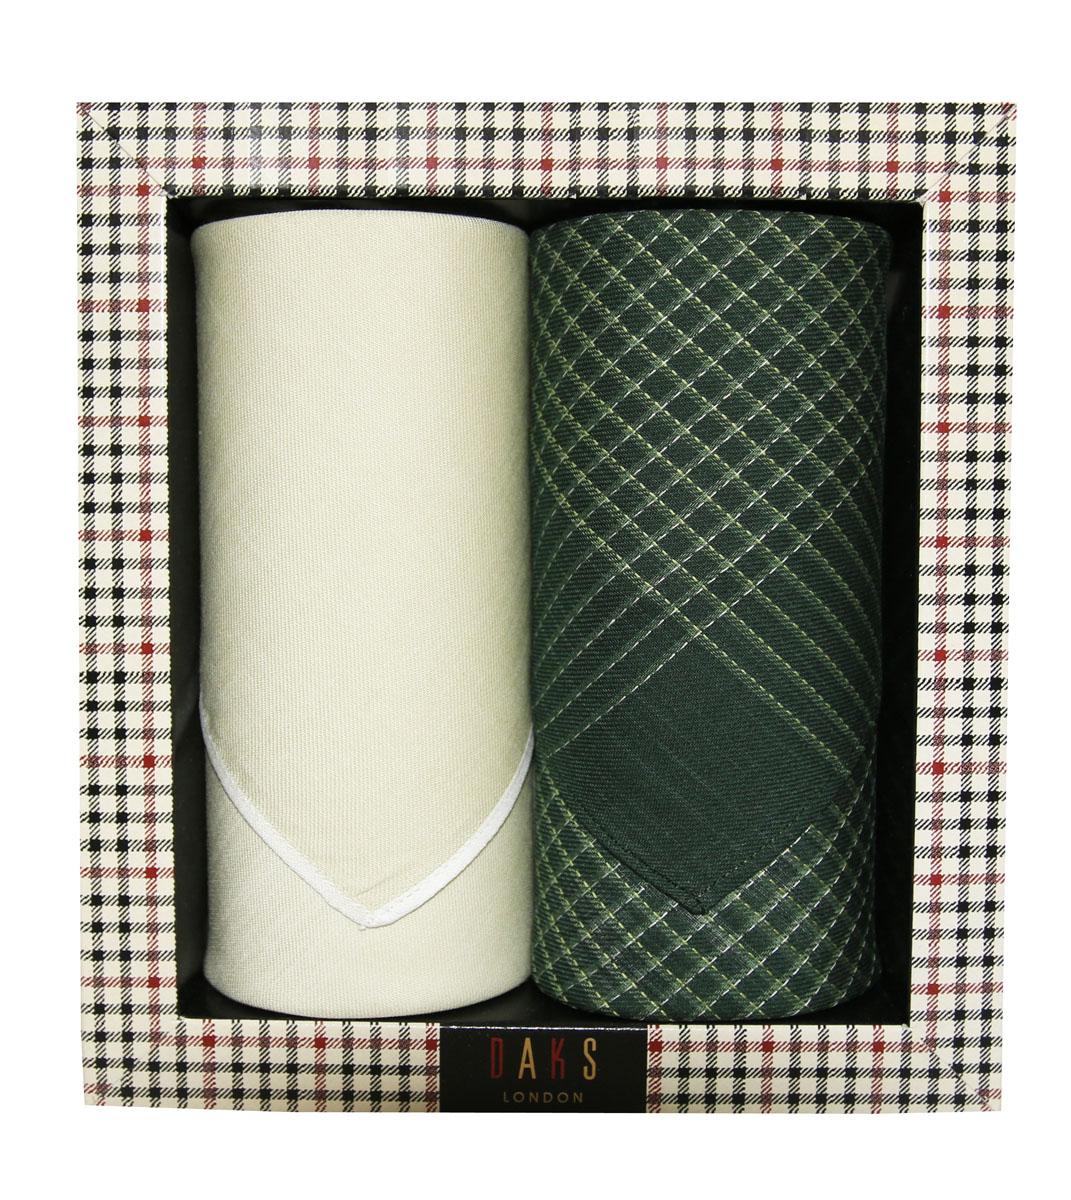 Платок носовой мужской Zlata Korunka, цвет: бежевый, темно-зеленый. 60006-1. Размер 43 х 43 см, 2 шт39864|Серьги с подвескамиНосовой платок Zlata Korunka изготовлен из высококачественного натурального хлопка, благодаря чему приятен в использовании, хорошо стирается, не садится и отлично впитывает влагу. Практичный носовой платок будет незаменим в повседневной жизни любого современного человека. Такой платок послужит стильным аксессуаром и подчеркнет ваше превосходное чувство вкуса. В комплекте 2 платка.